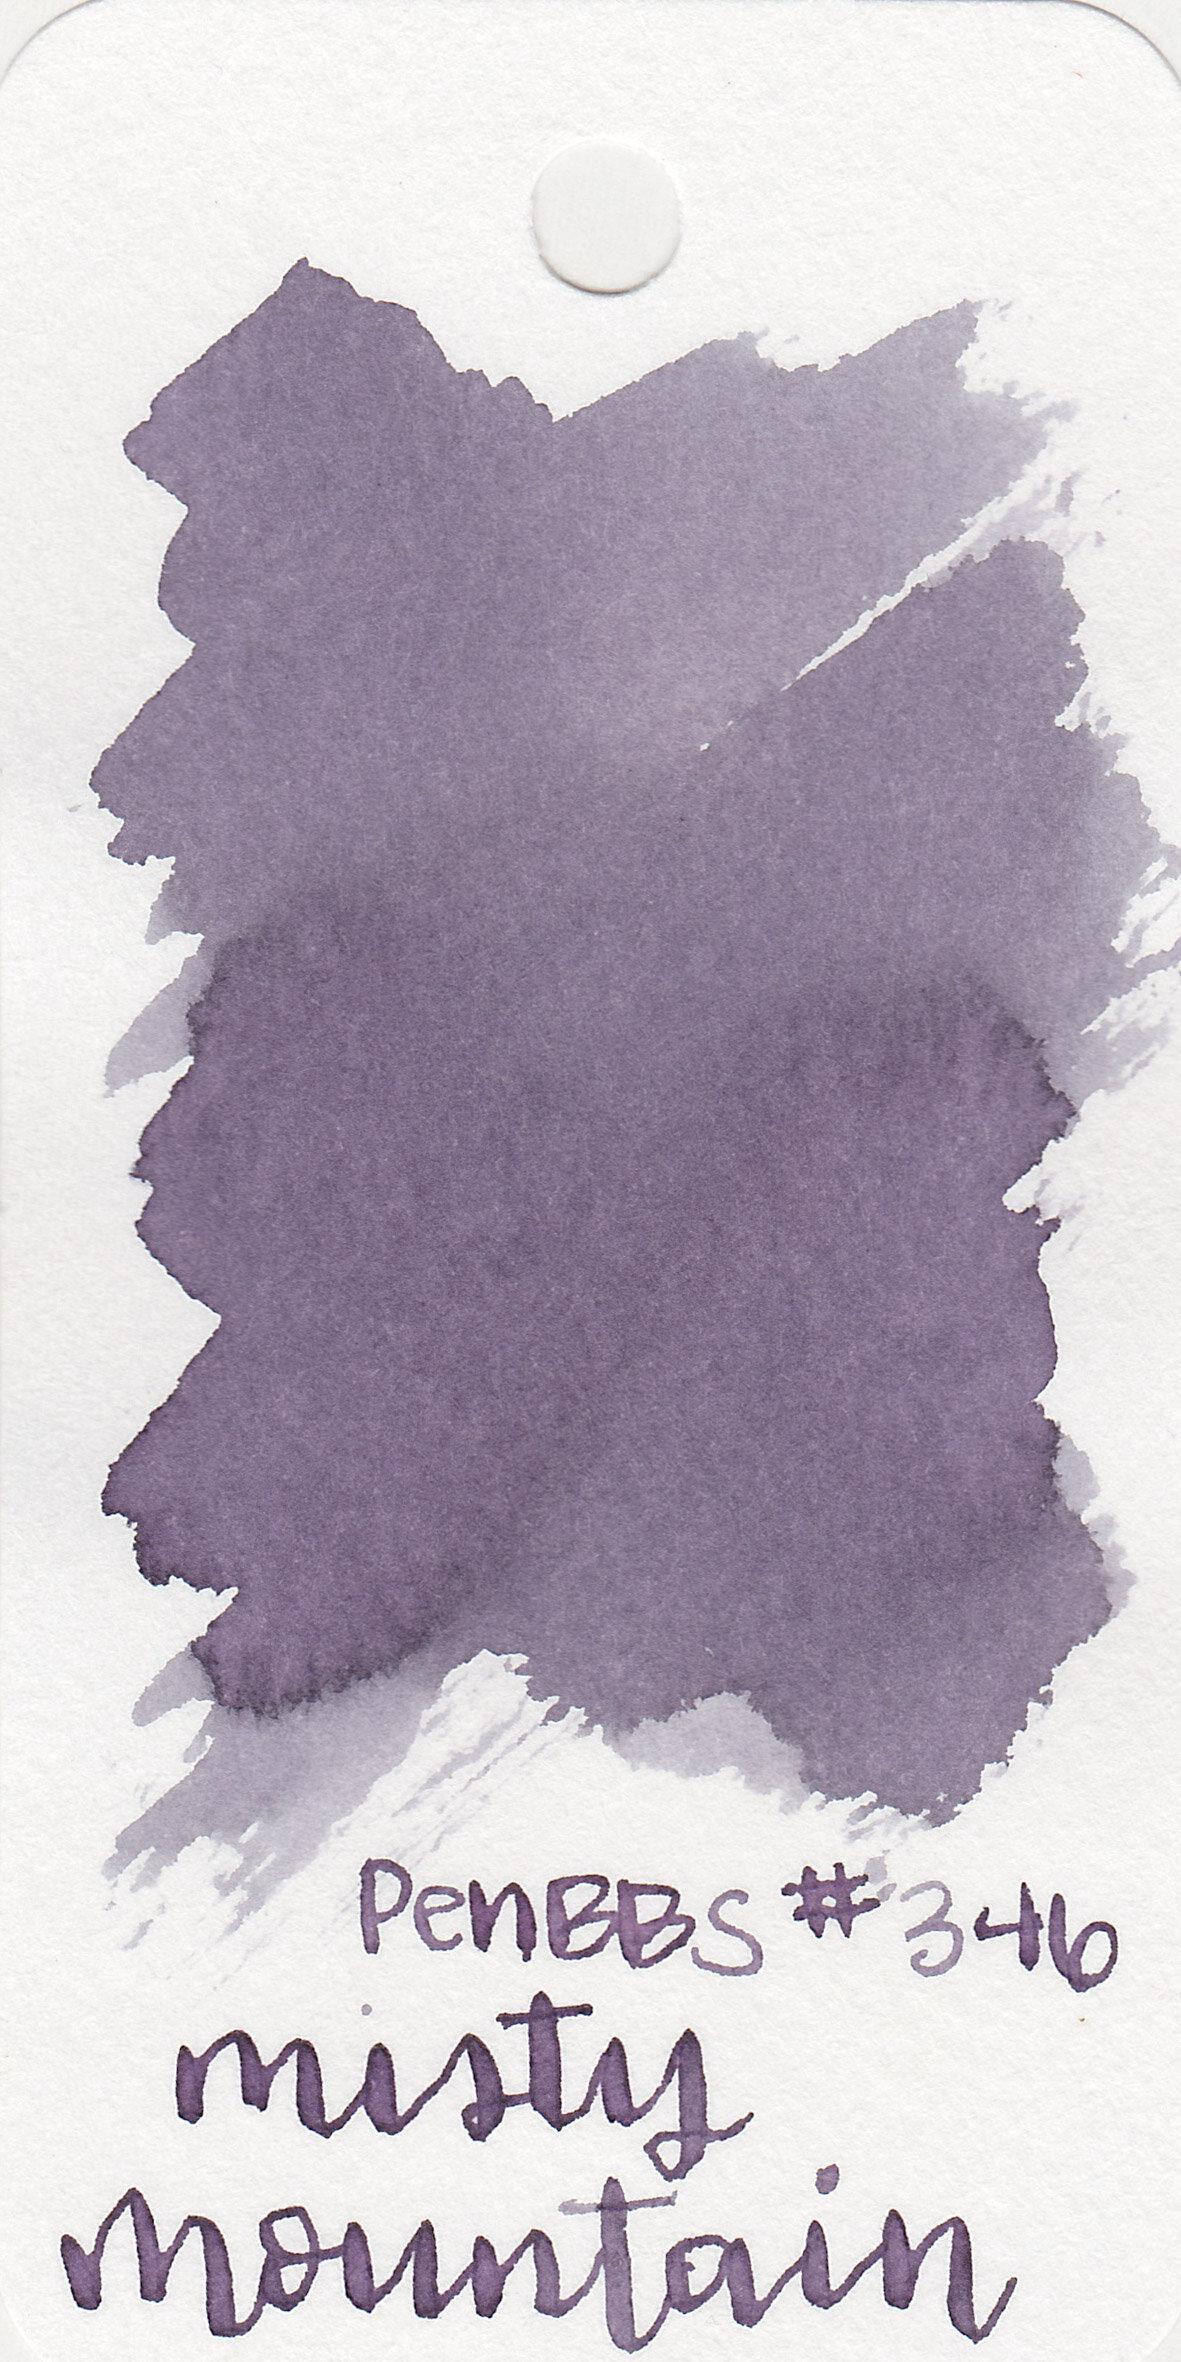 penbbs-misty-mountain-1.jpg